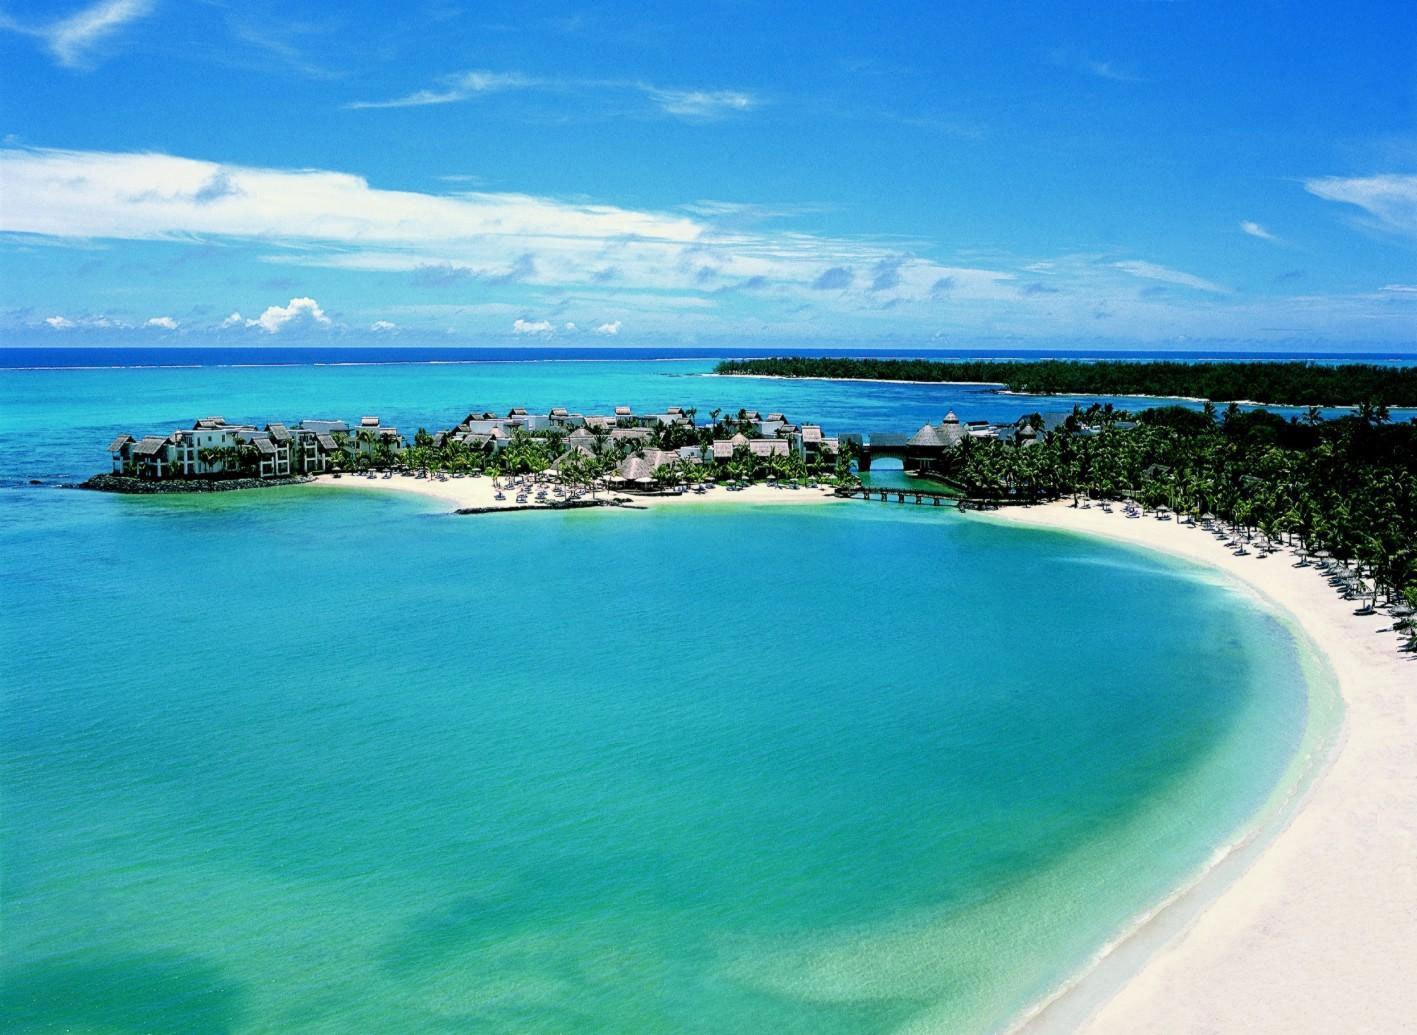 バリ島へのサーフトリップはとても高いと思っていませんか?②